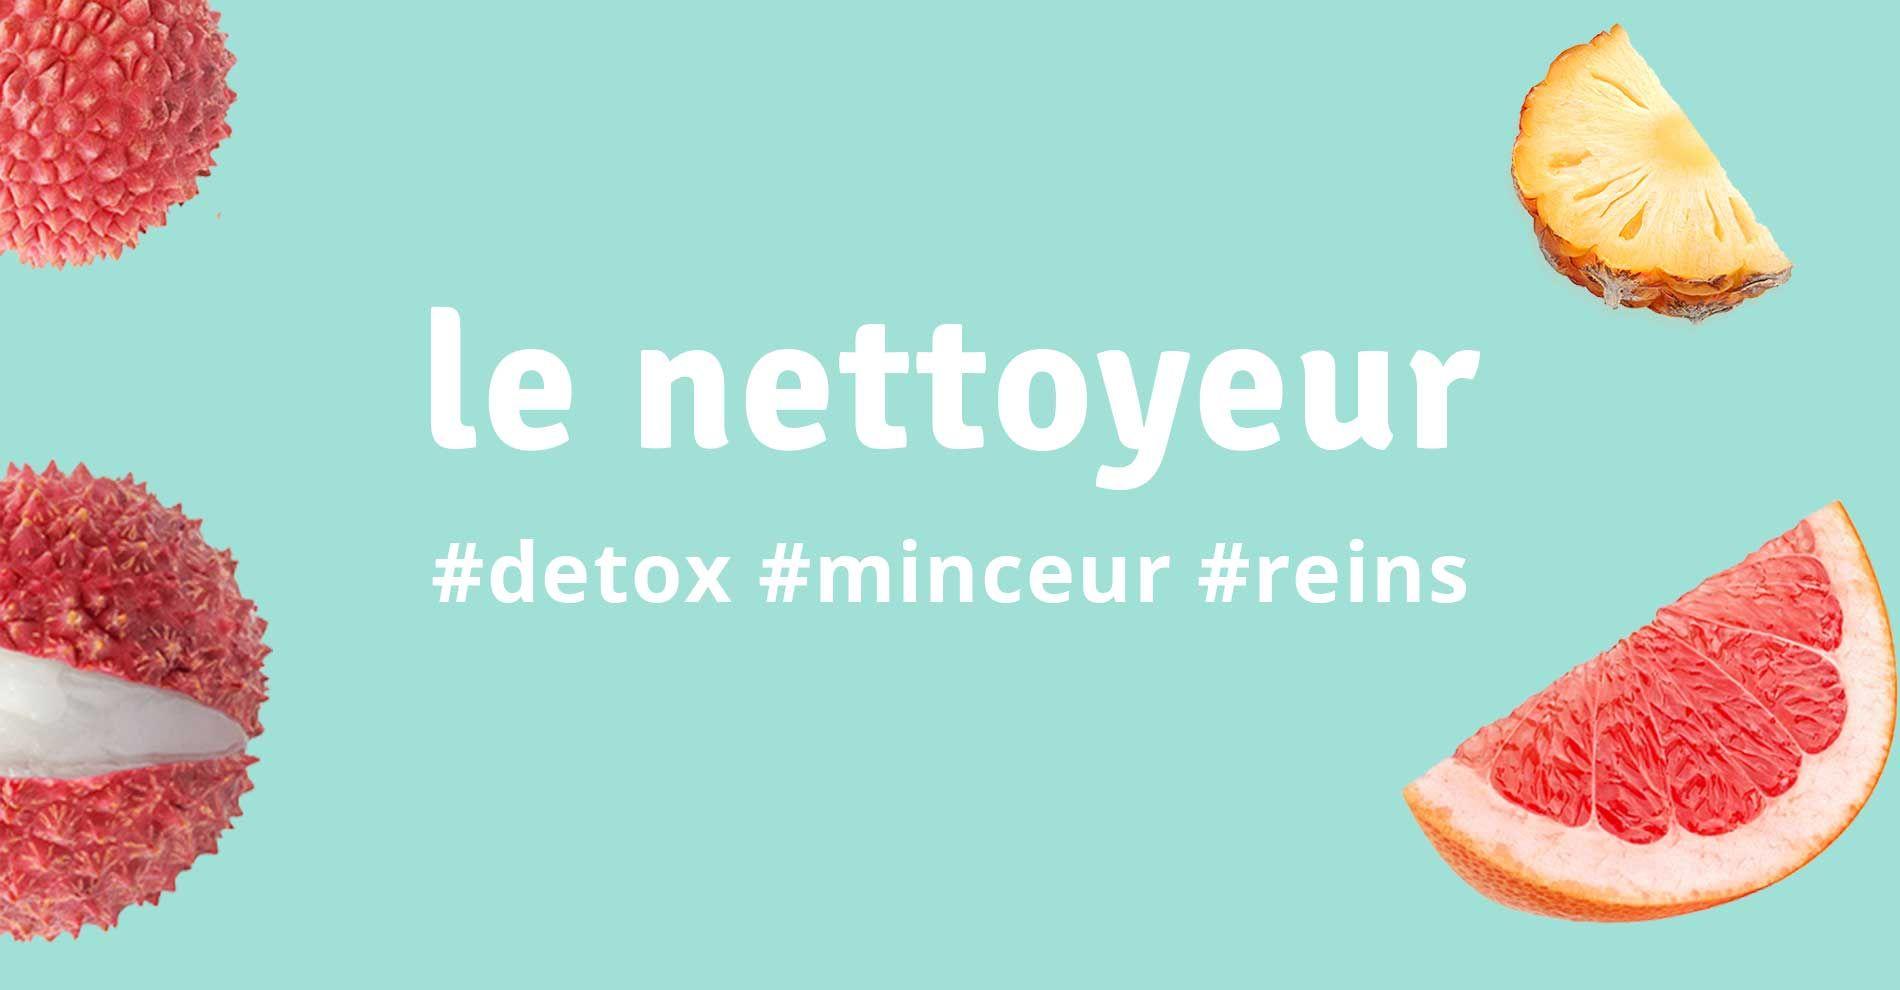 Top 5 jus detox pour extracteurs de jus (recettes